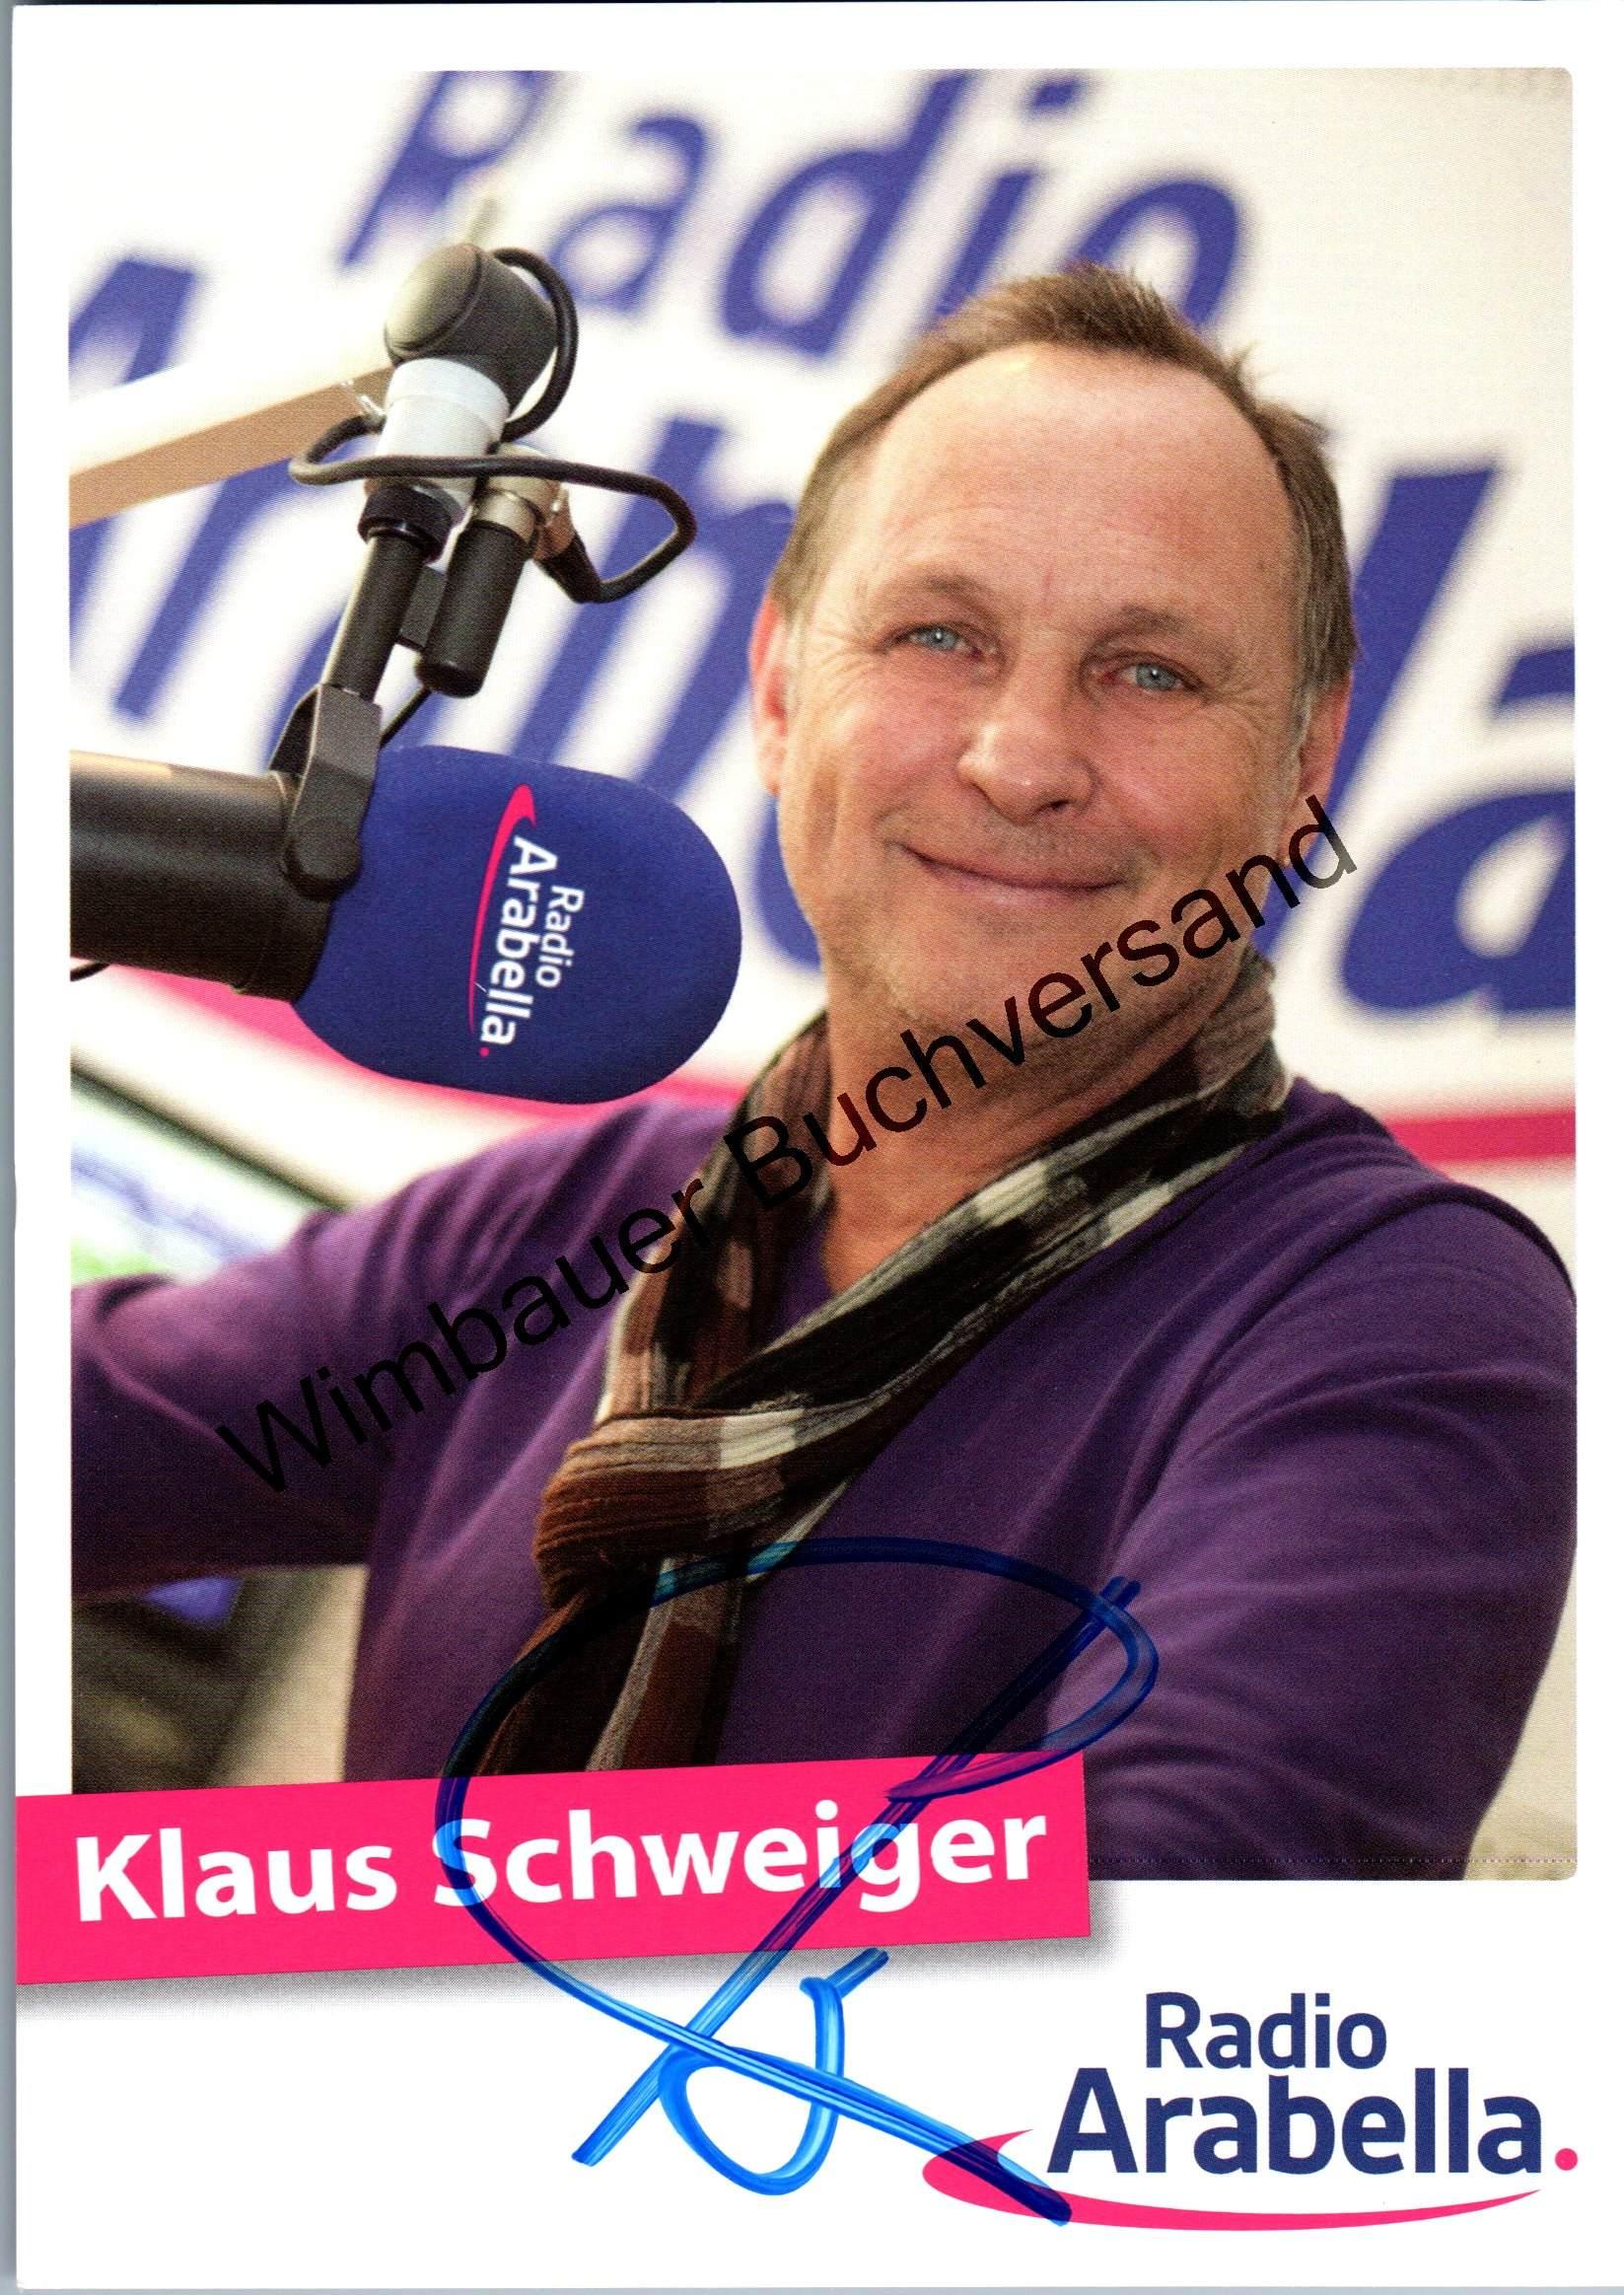 Schweiger, Klaus : Original Autogramm Klaus Schweiger Radio Arabella Moderator /// Autogramm Autograph signiert signed signee